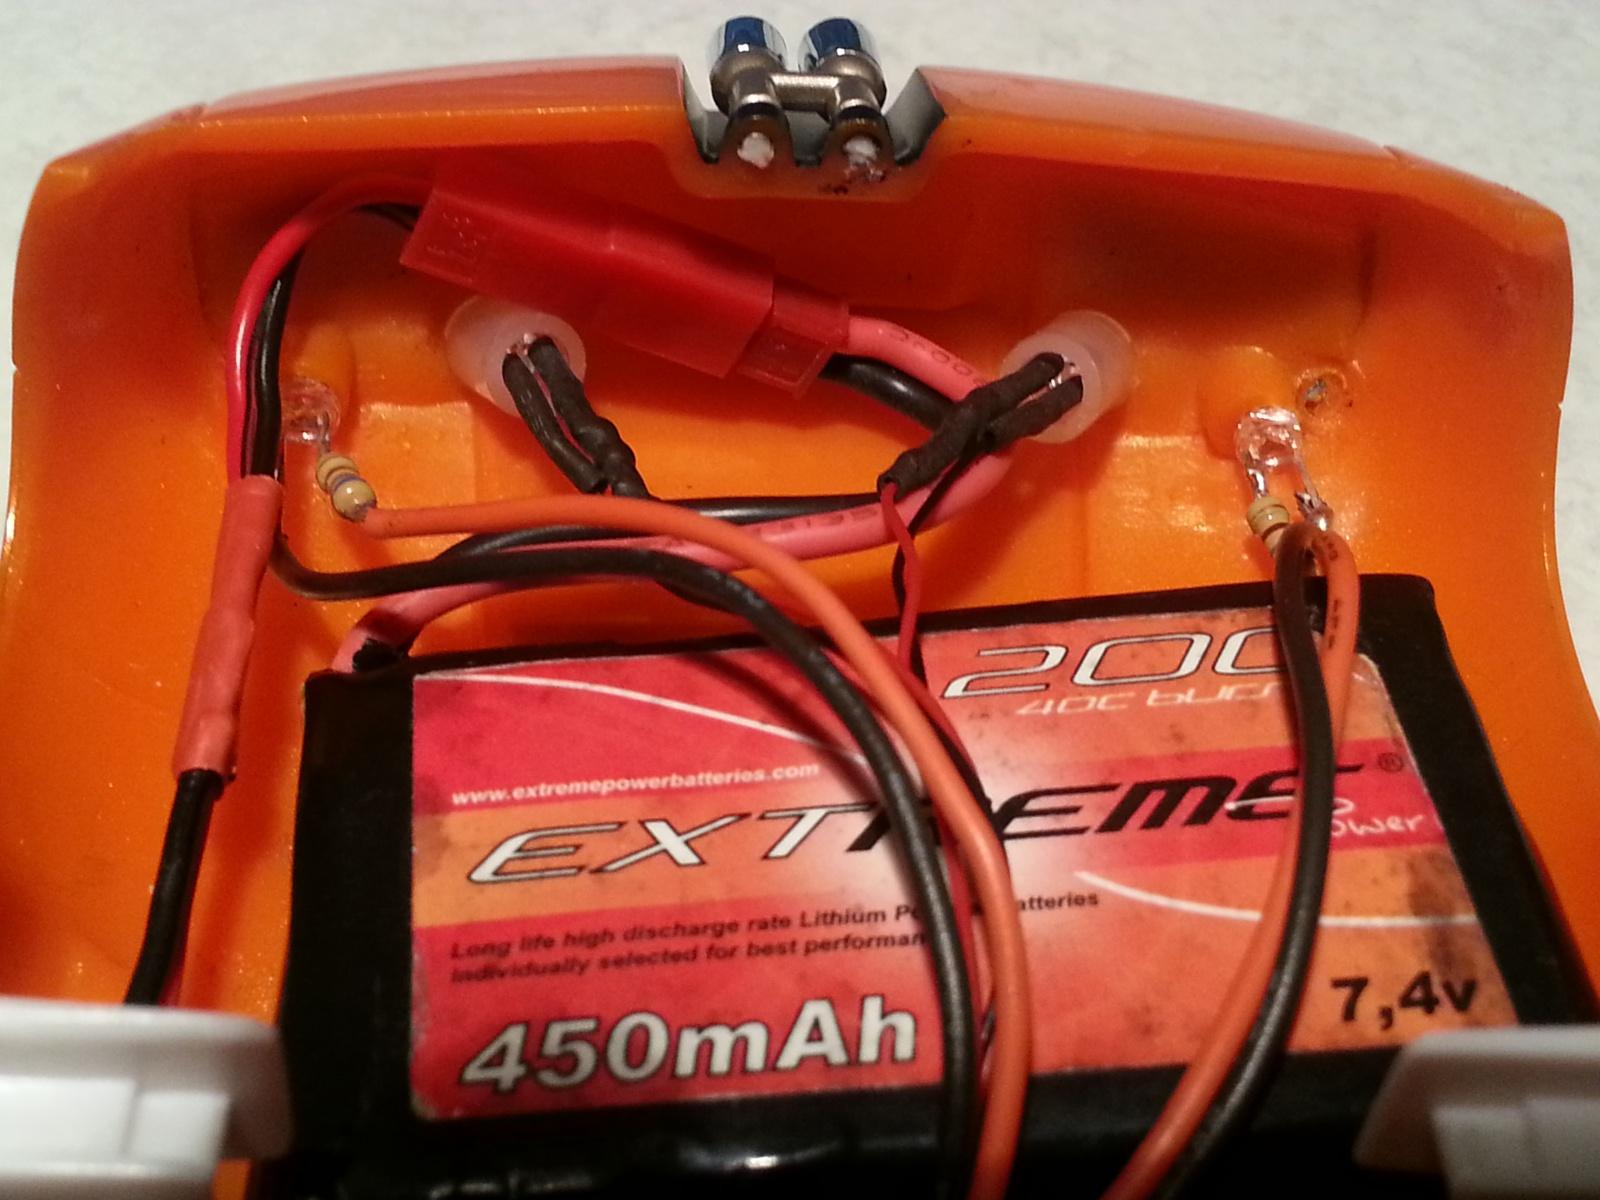 Kit lumières Atomic sur quelle carrosserie? 99241920130316002550